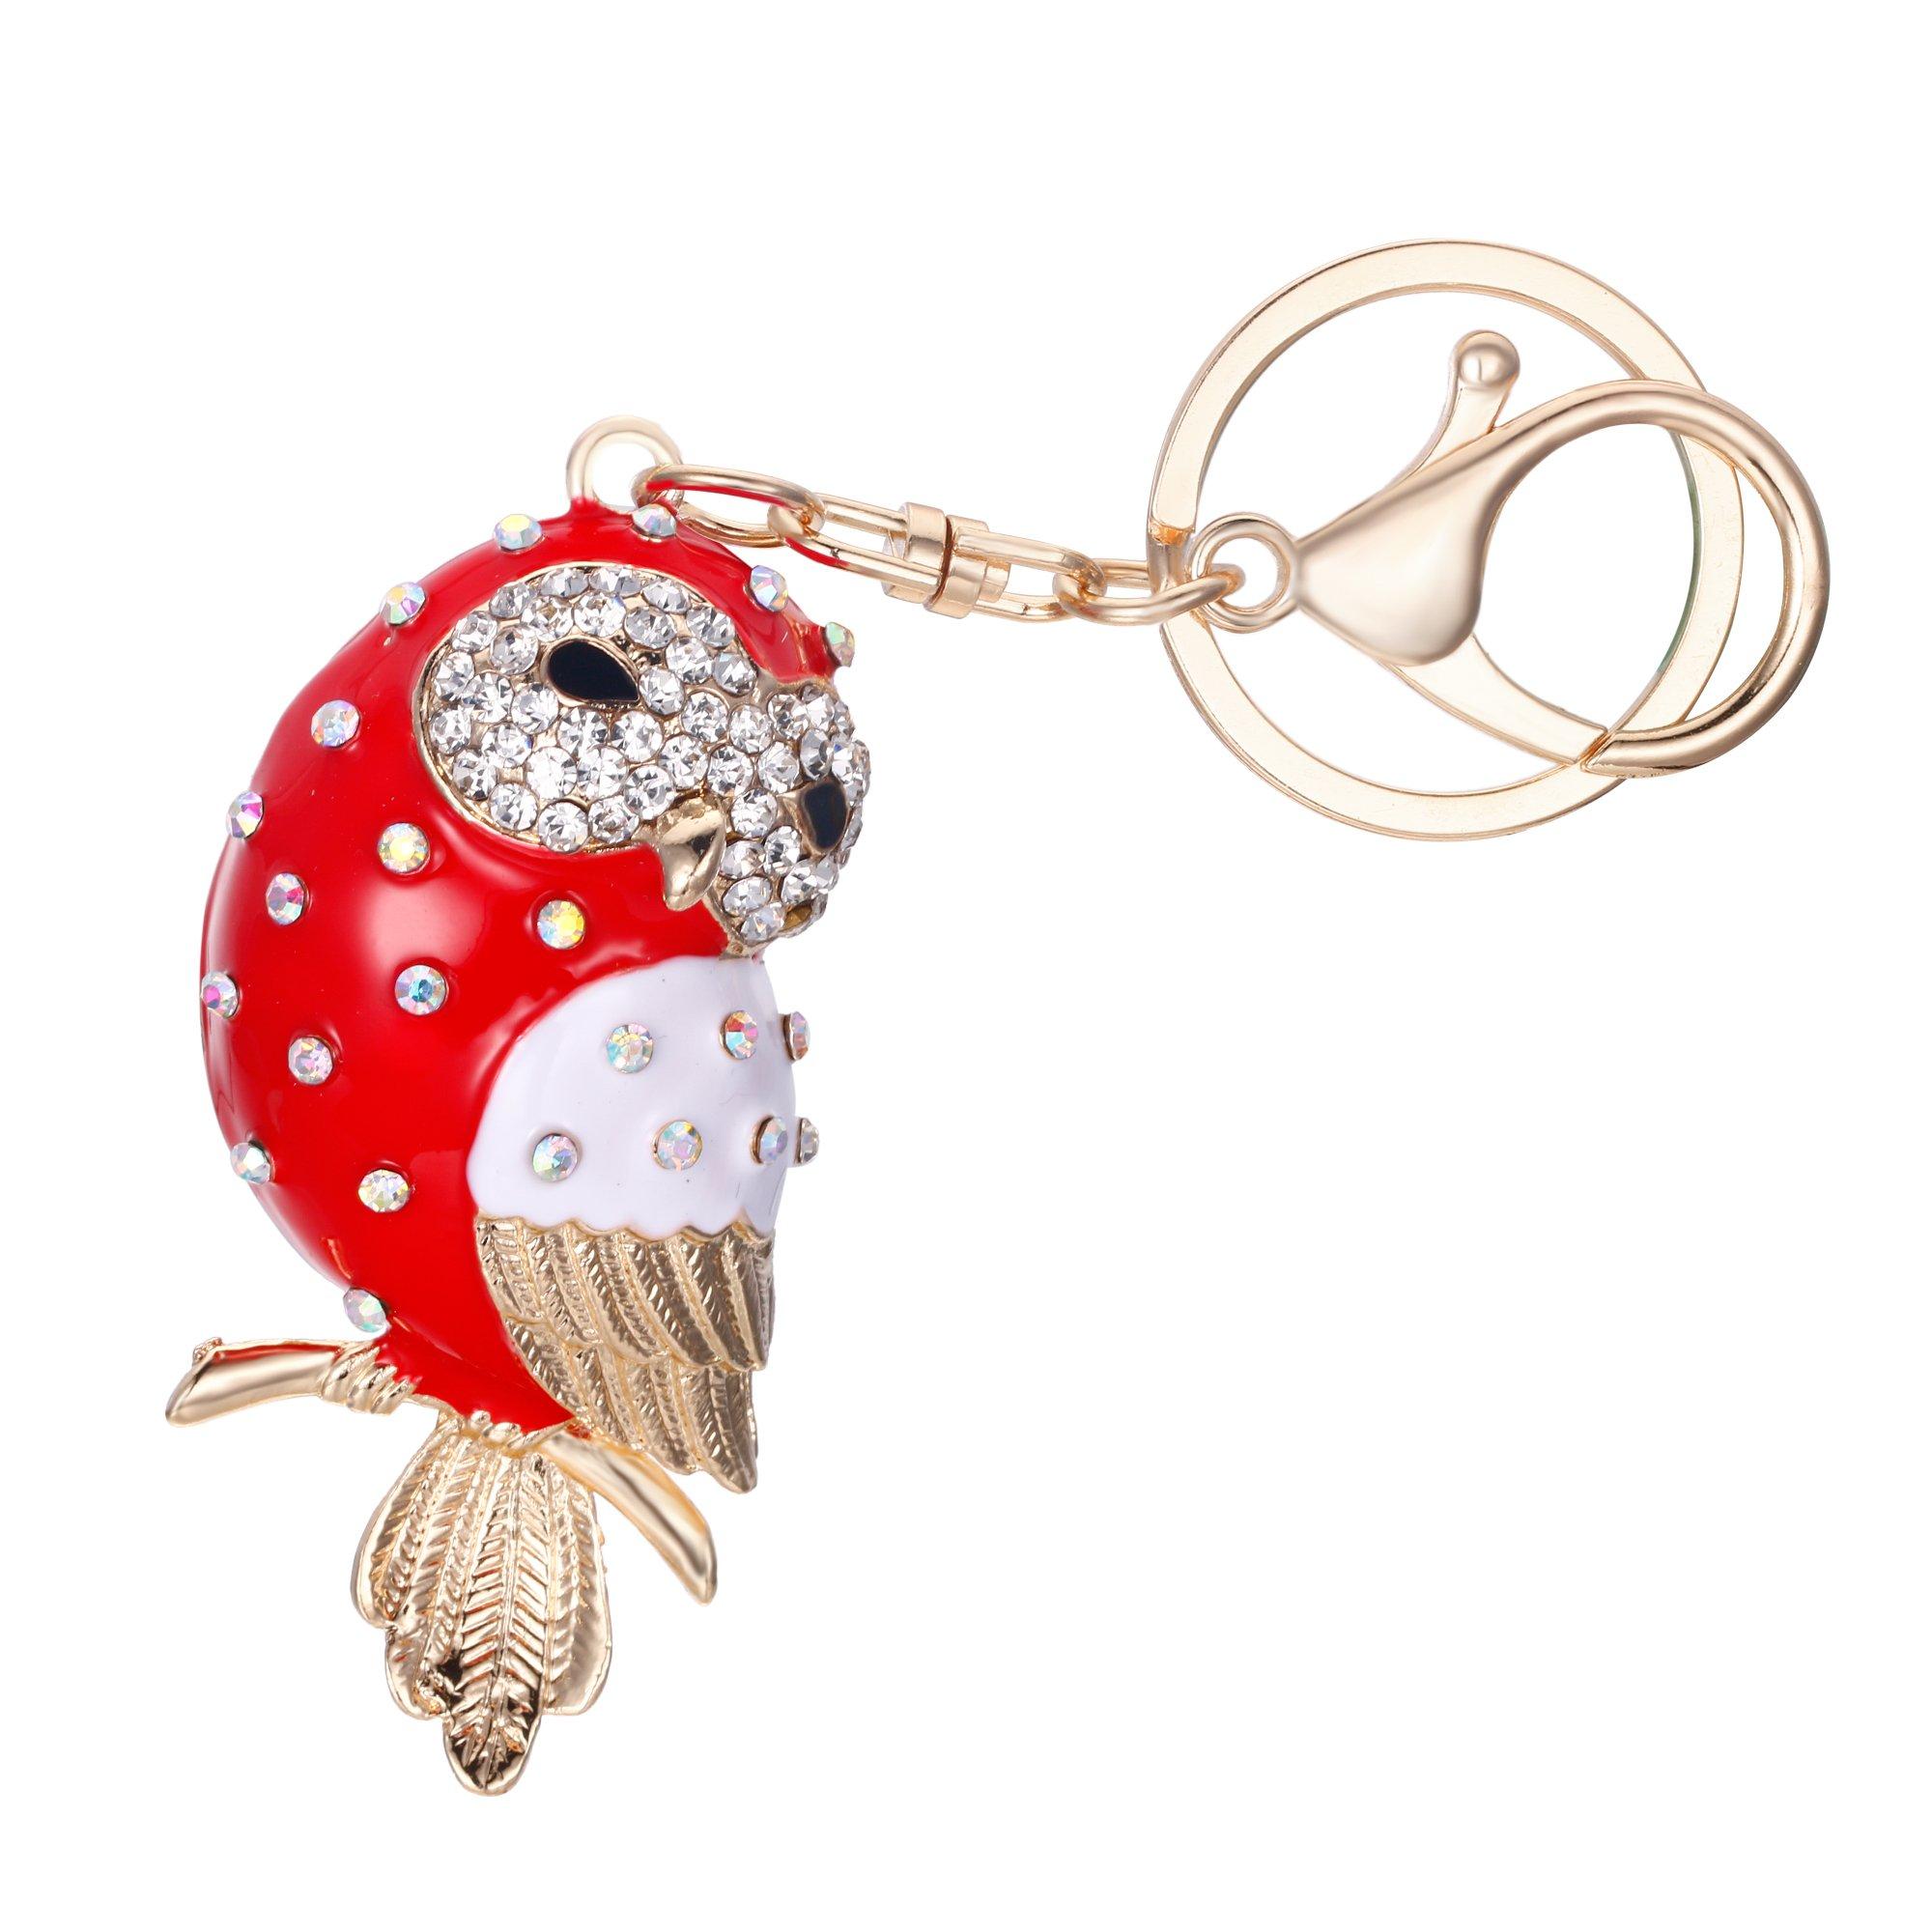 EVER FAITH Women's Austrian Crystal Red Enamel Adorable Owl Bird Keychain Bag Accessory Gold-Tone